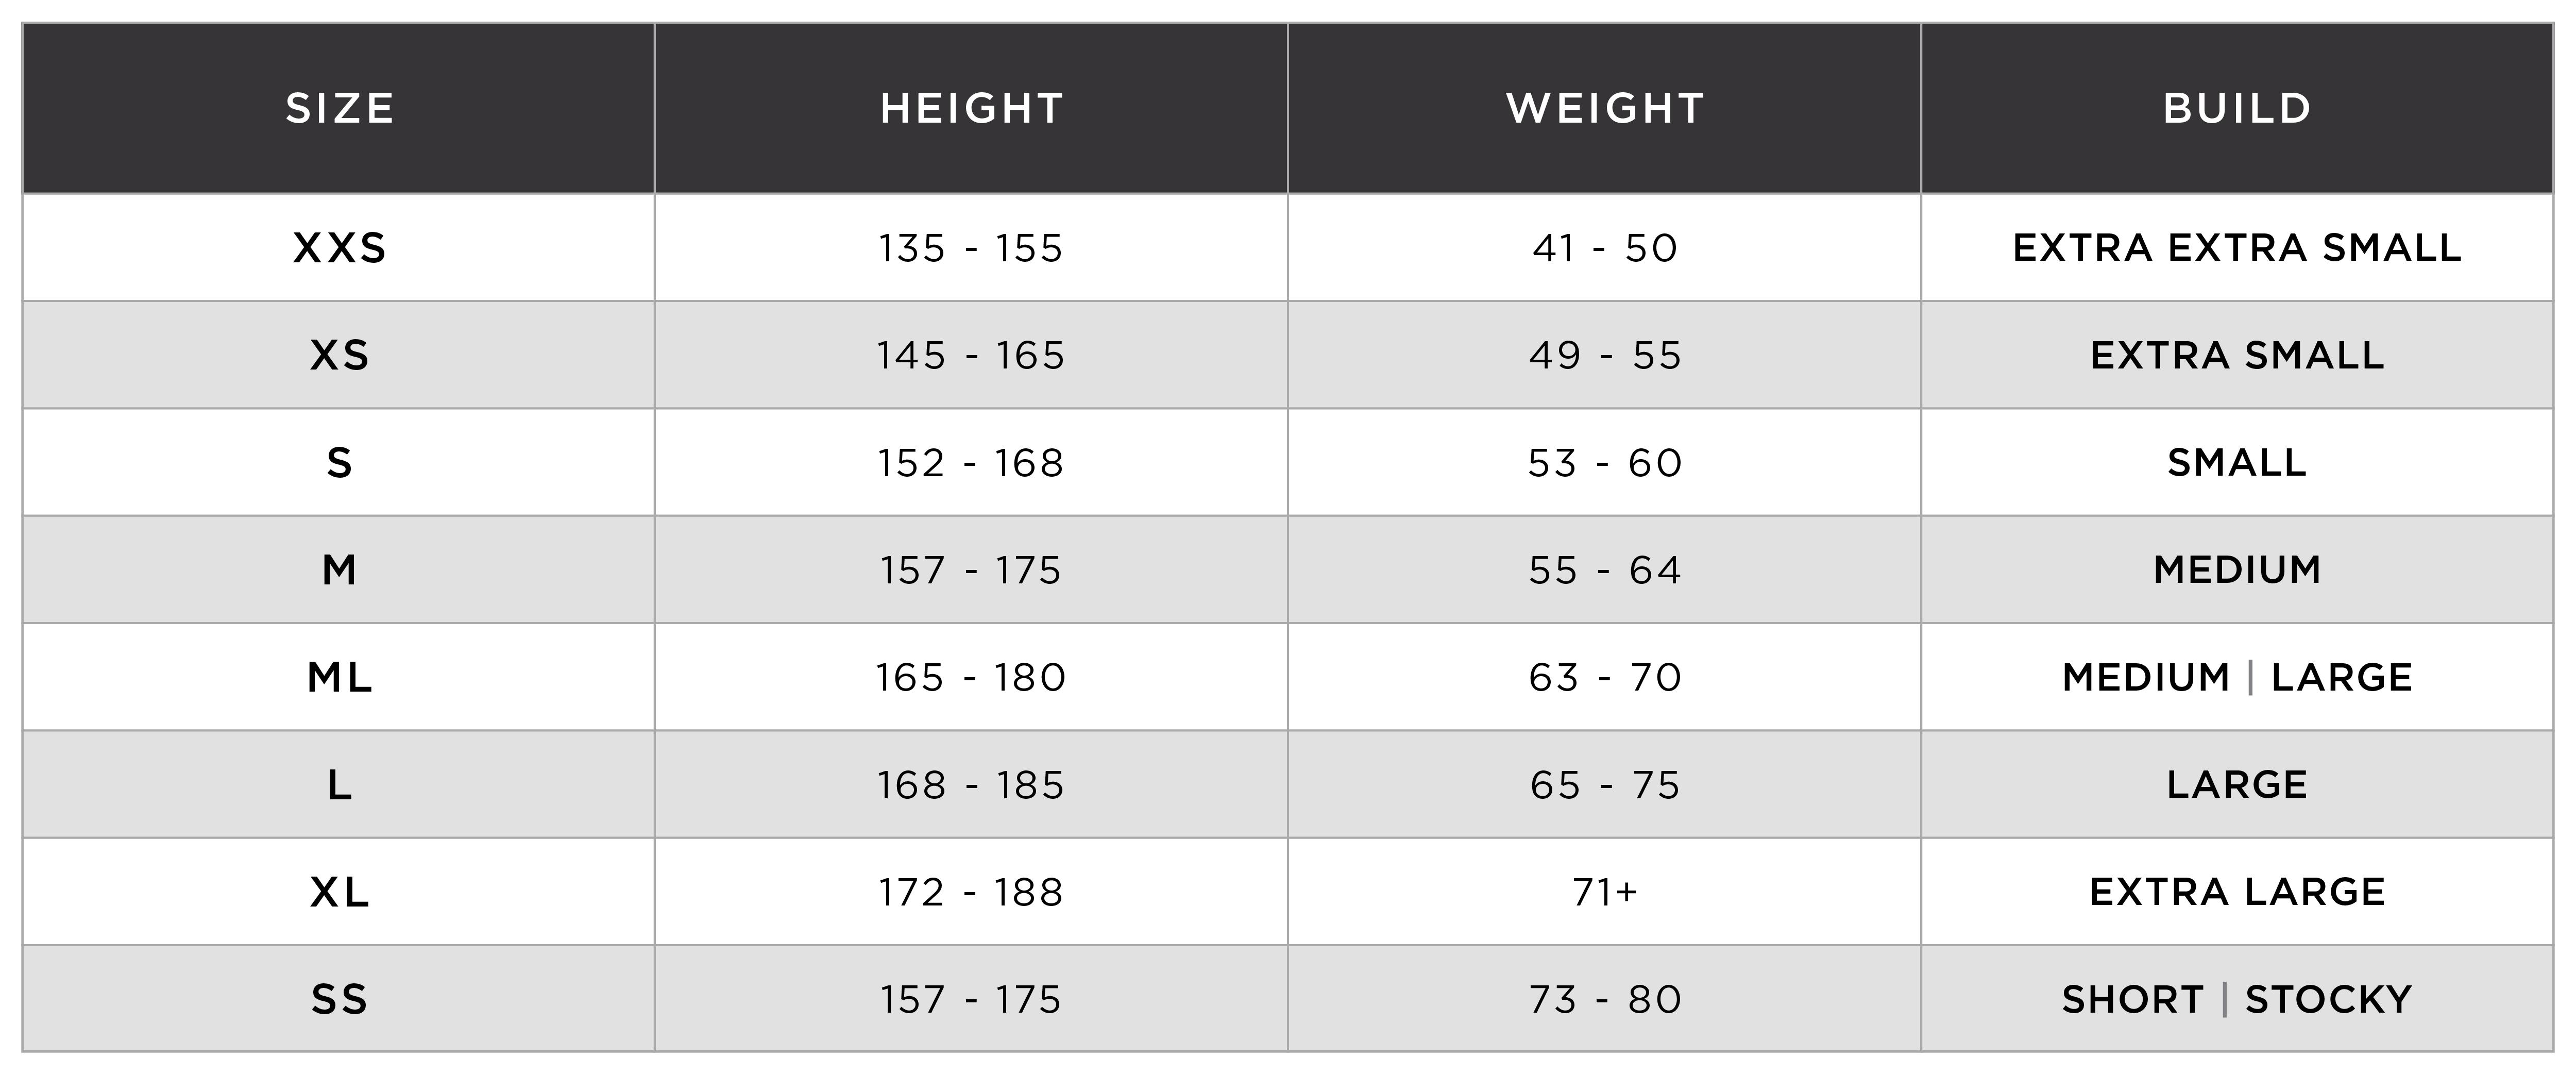 HUUB_Women_s_Wetsuit_Size_Charts_Metric_Screen